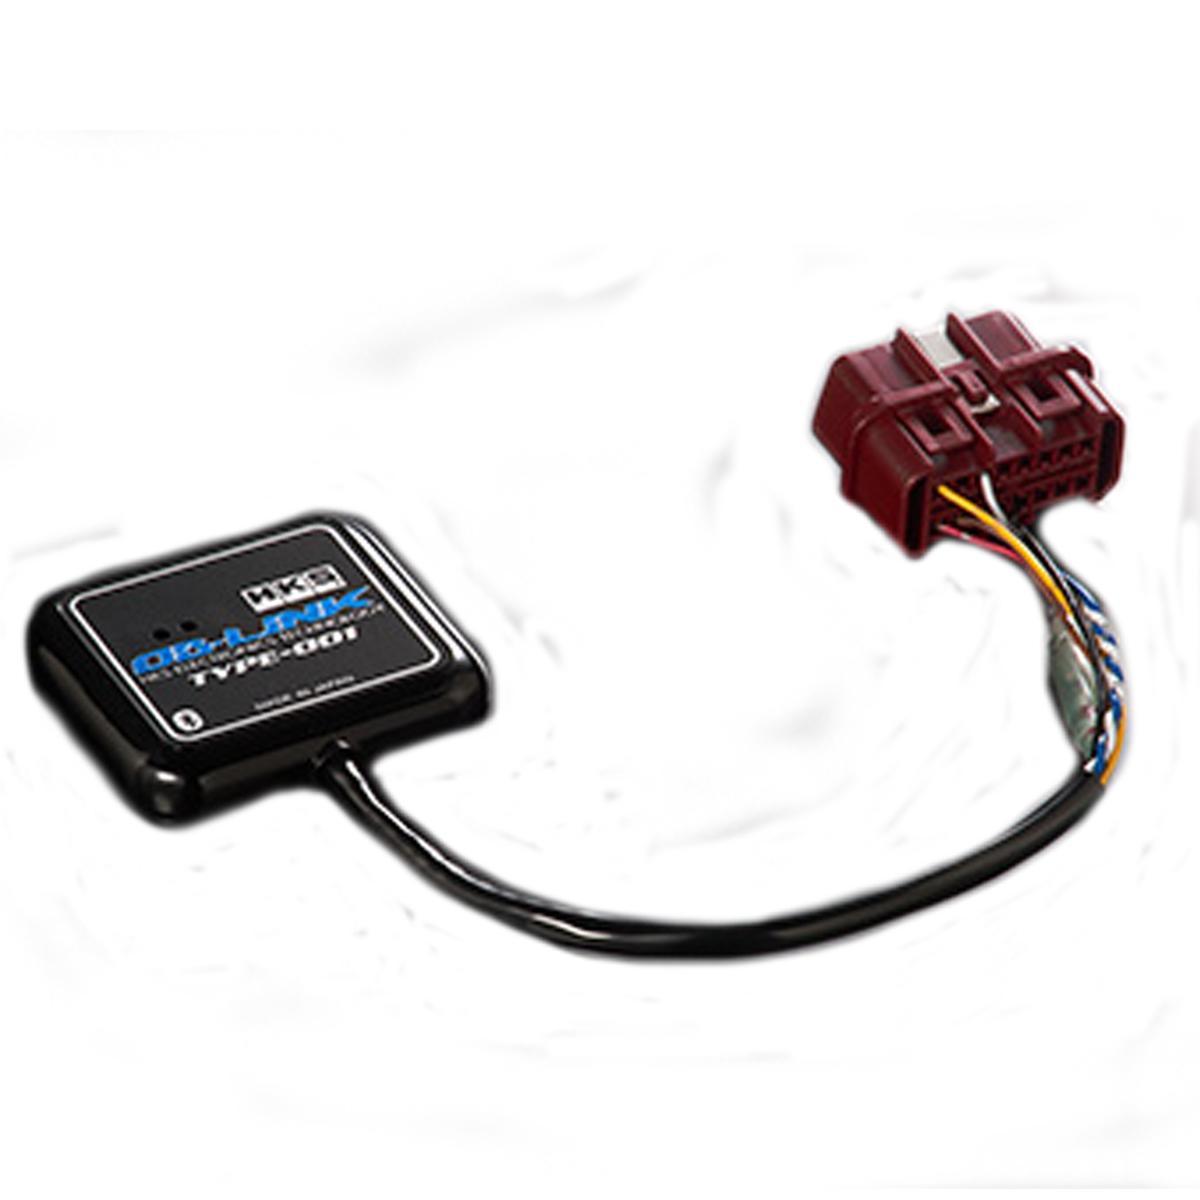 クルーガー ハイブリッド モニター OBリンク タイプ 001 MHU28W HKS 44009-AK002 エレクトリニクス